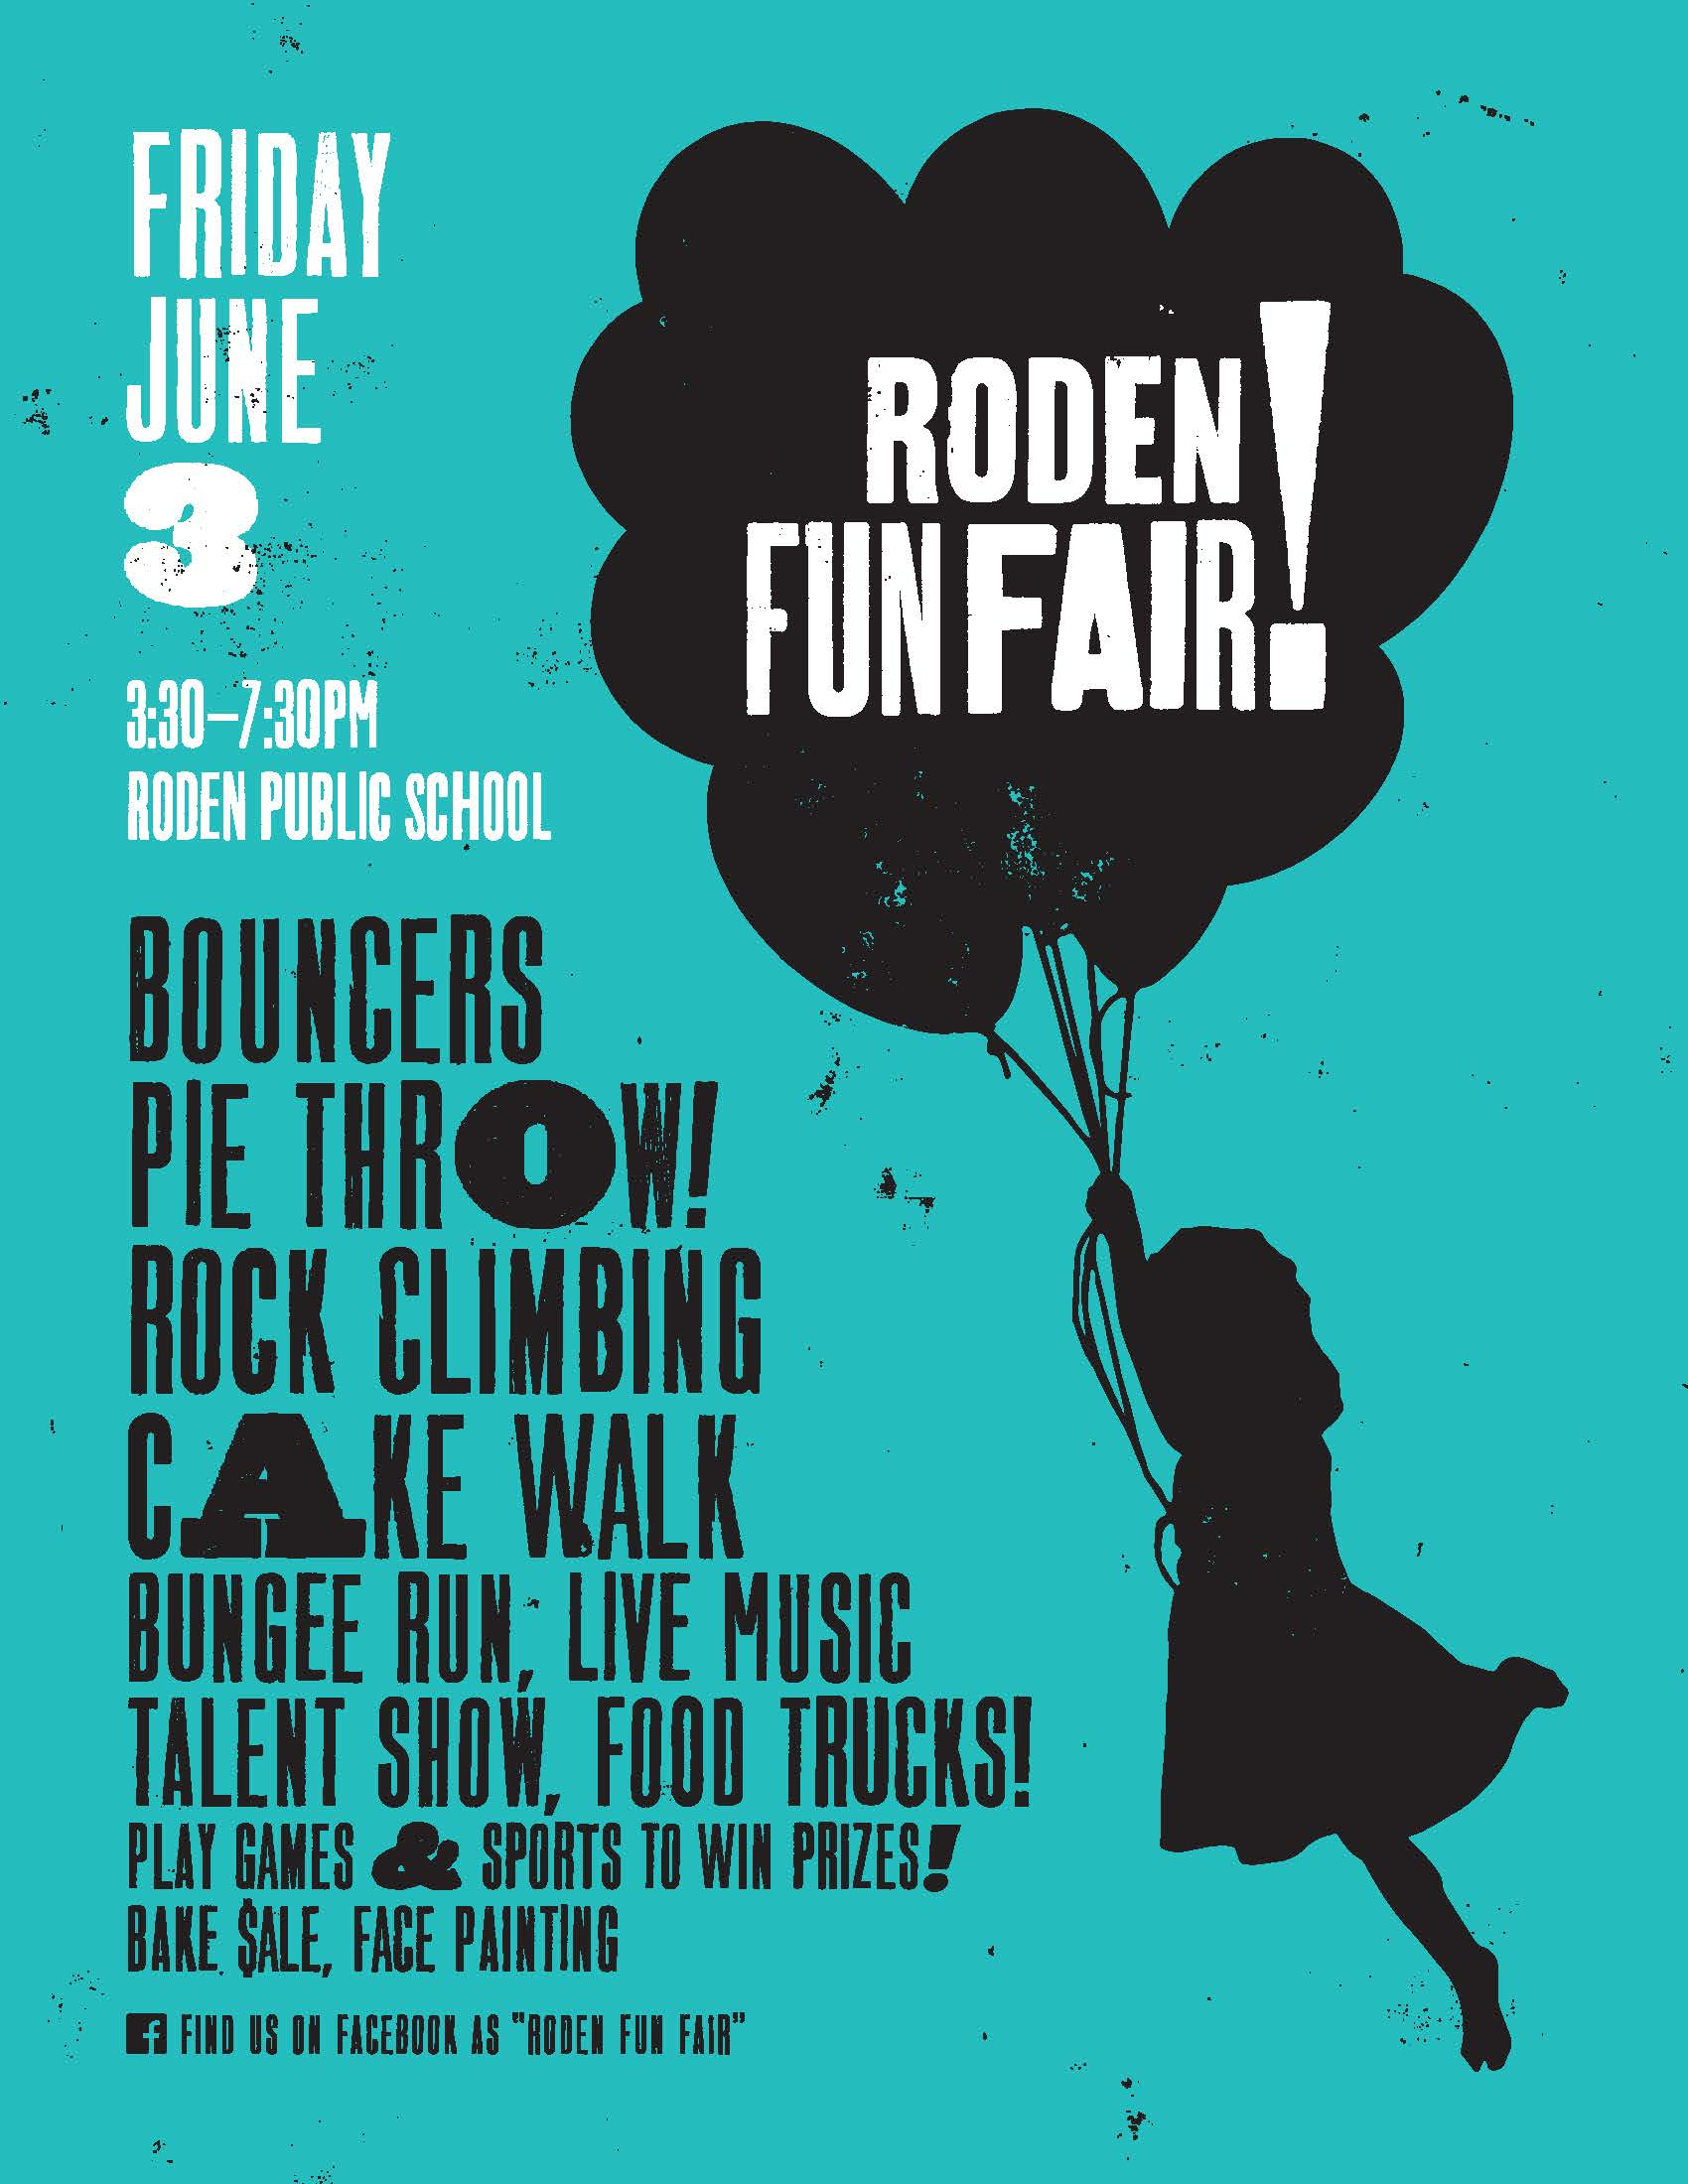 roden_funfair_poster_B6_8.5x11